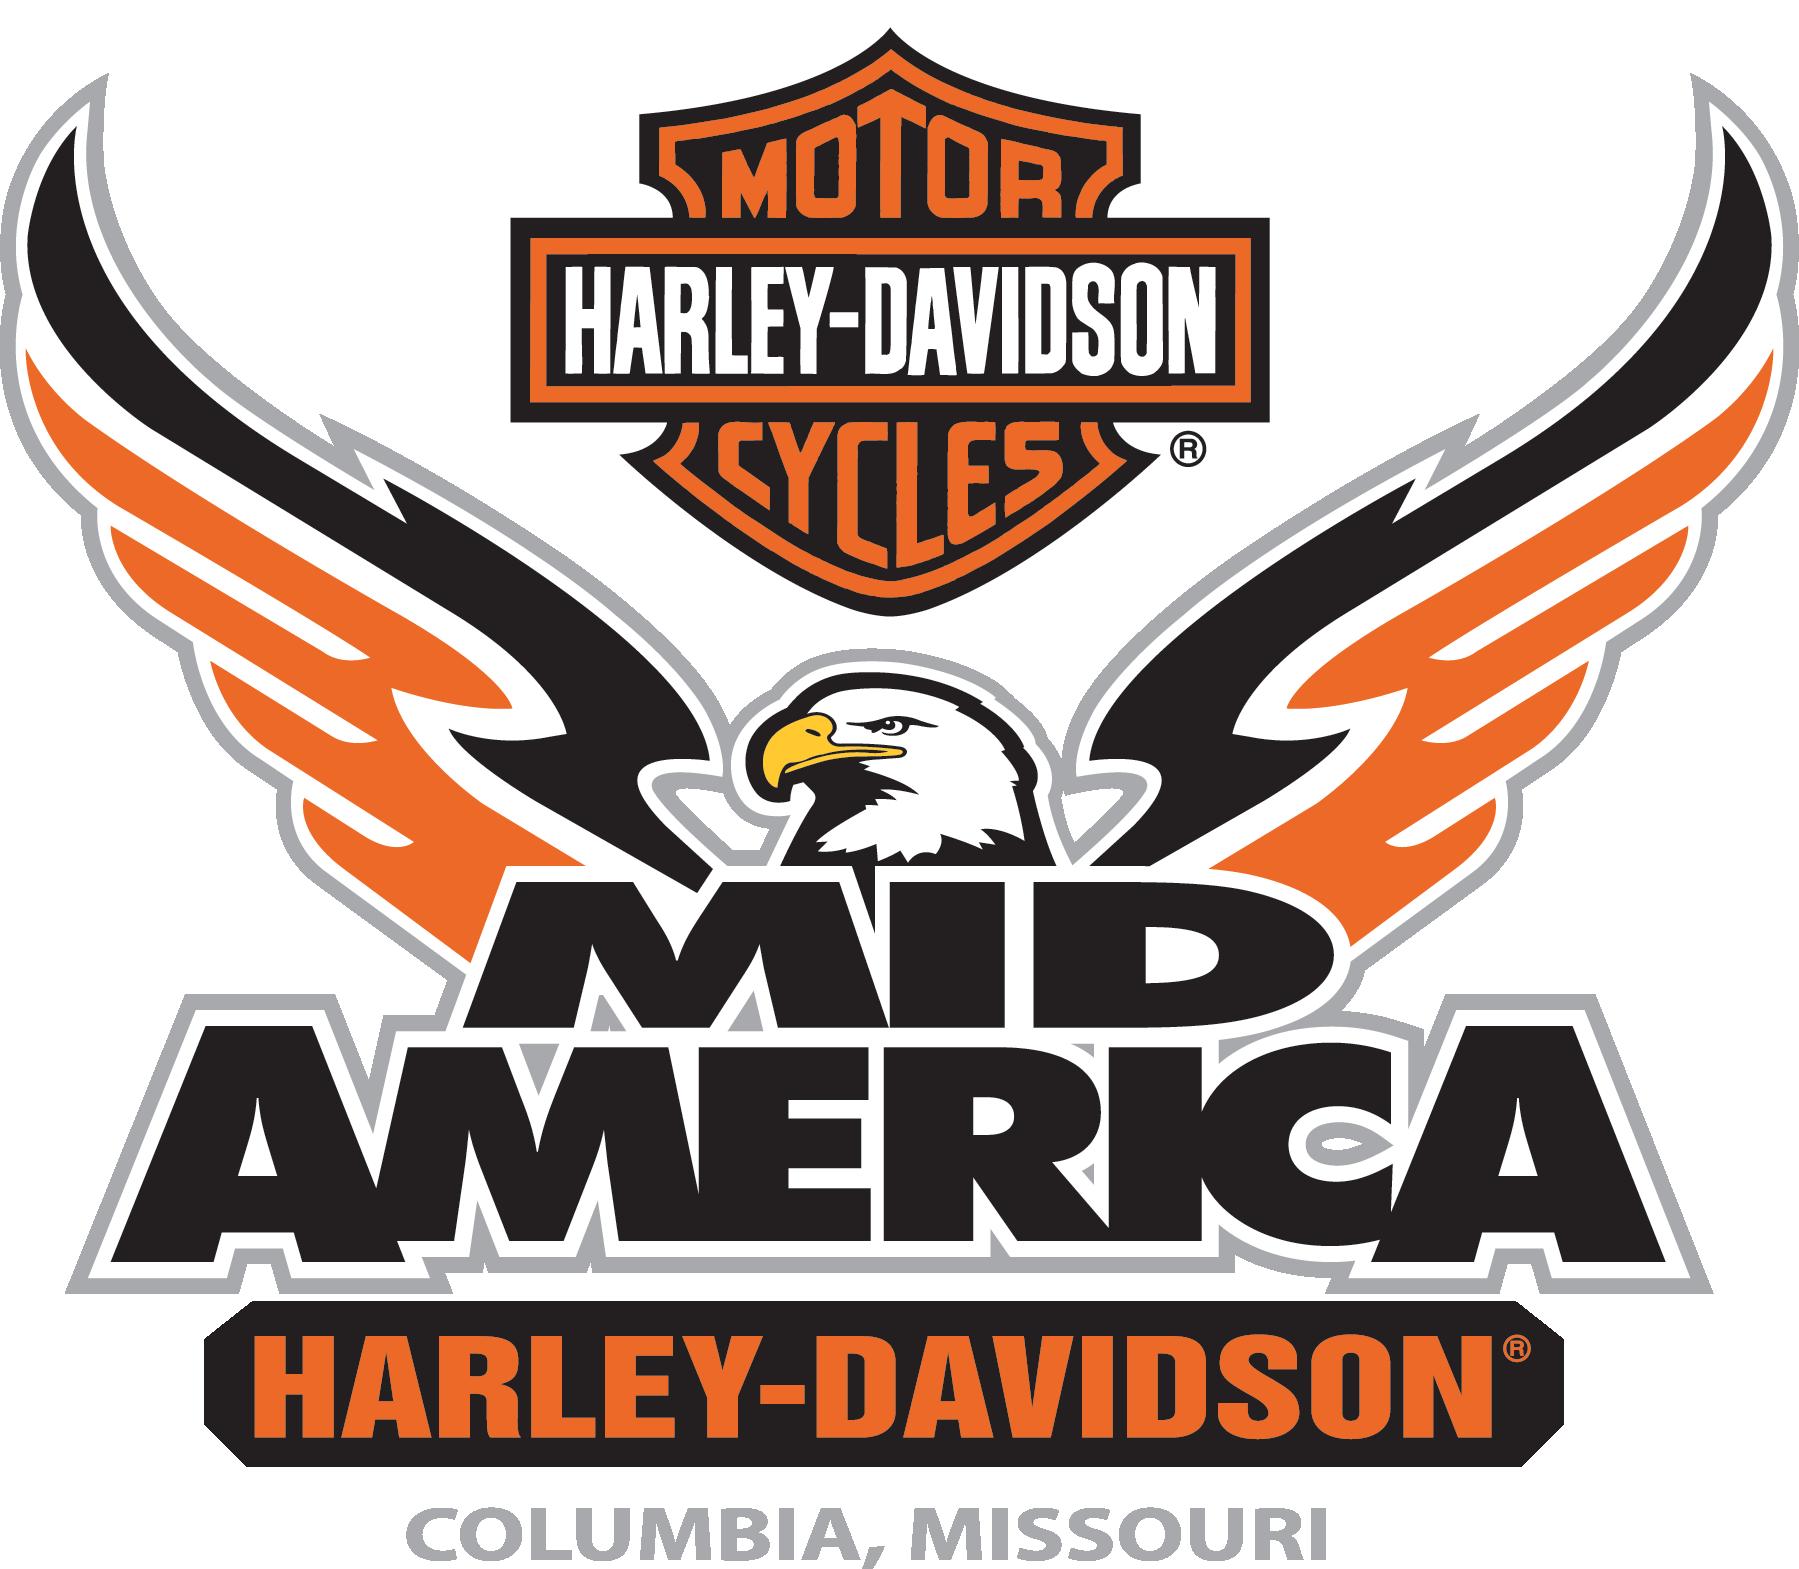 harley davidson logos free download best harley davidson Harley-Davidson Black and White Logos with Wings Black and White Harley-Davidson Logo